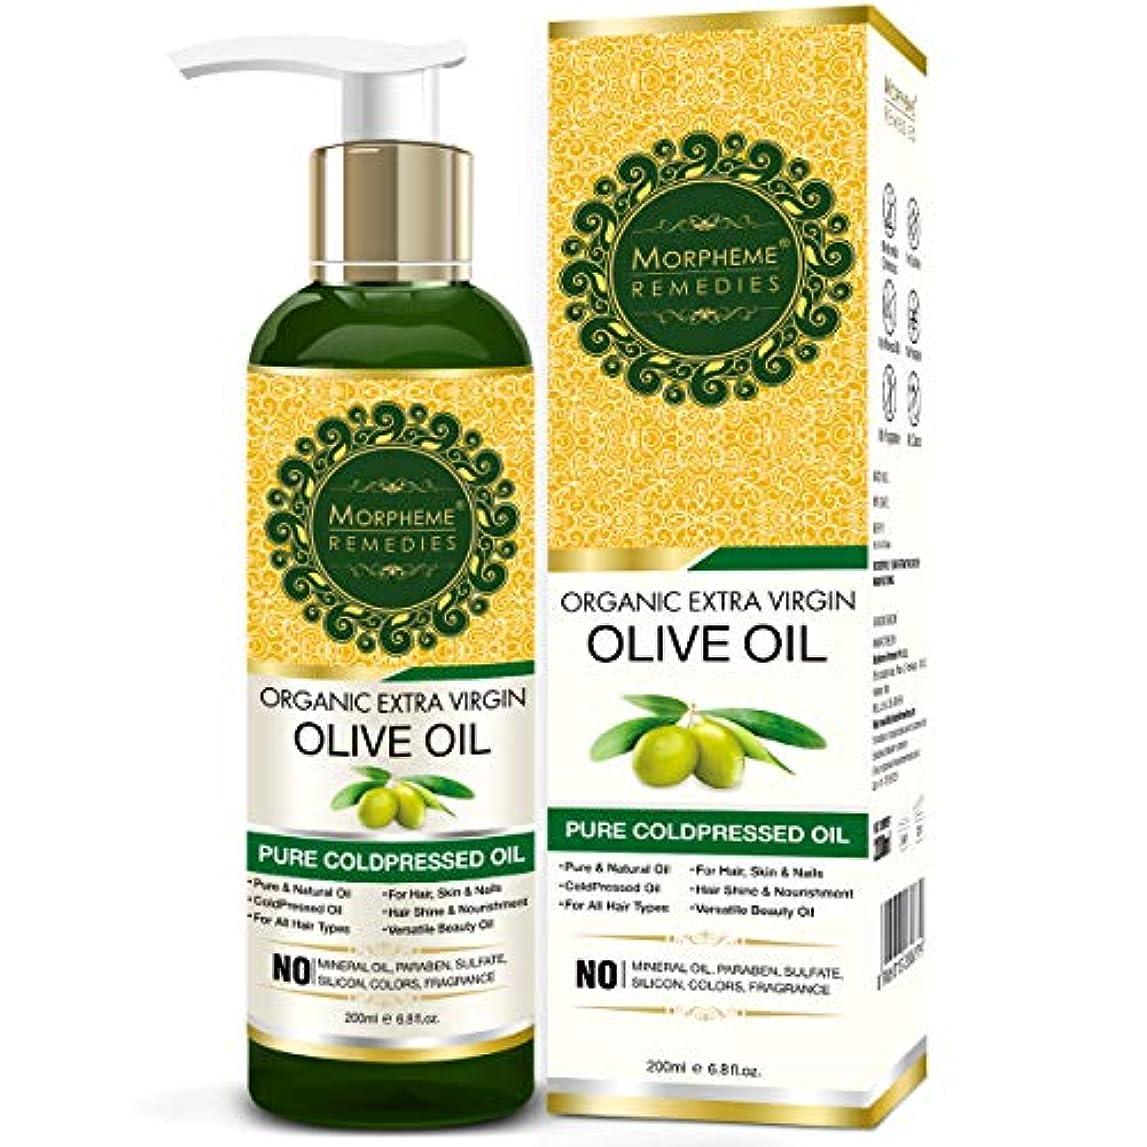 の頭の上制限された第二Morpheme Remedies Organic Extra Virgin Olive Oil (Pure ColdPressed Oil) For Hair, Body, Skin Care, Massage, Eyelashes...